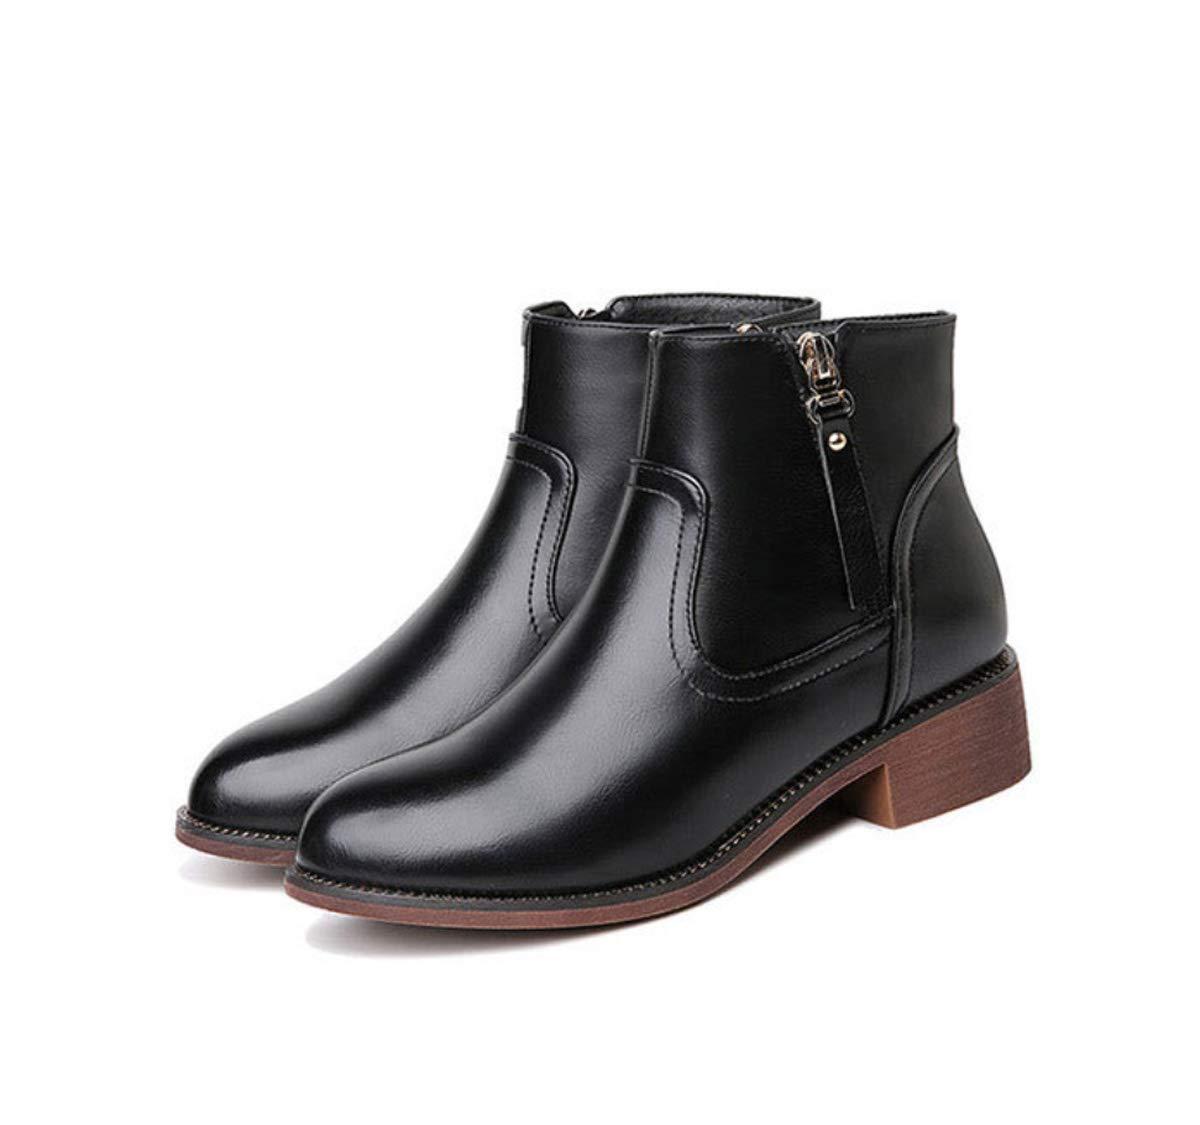 DANDANJIE Damen Stiefel mit niedrigen Ferse Zipper Ankle Stiefel britischen Stil Martin Stiefel für 2018 Herbst Winter